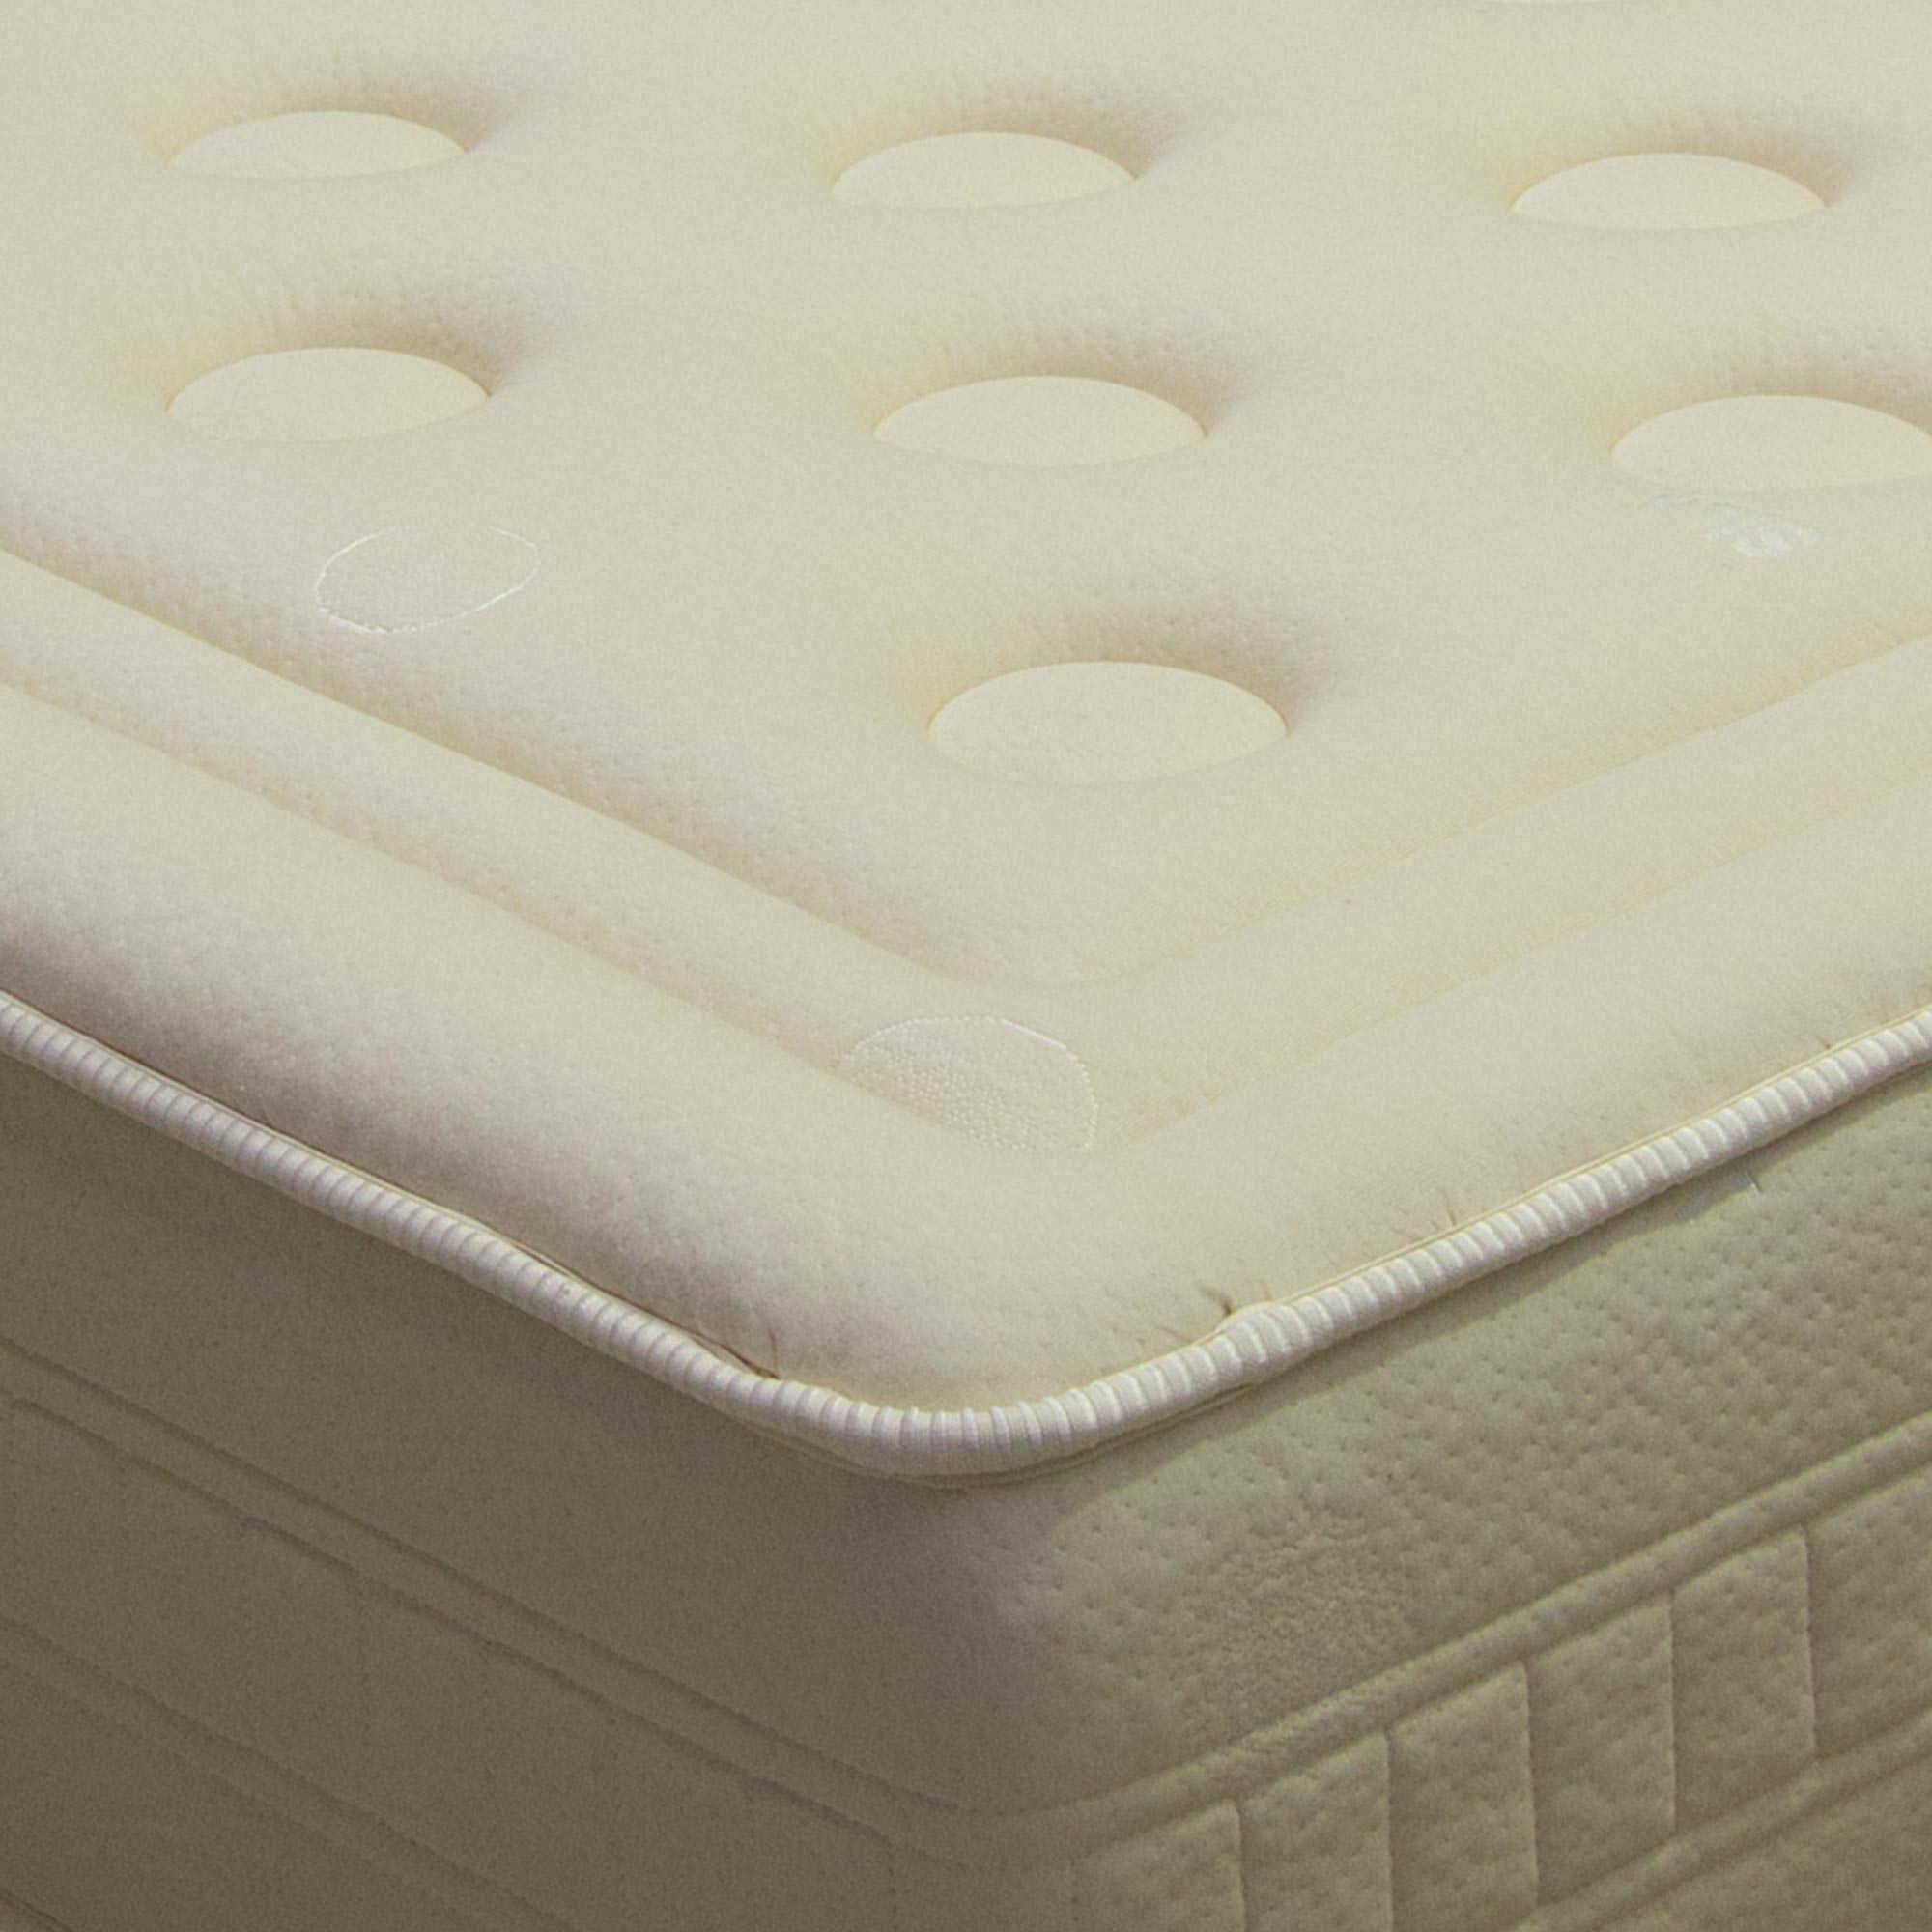 colchon con material viscoelastico adaptable